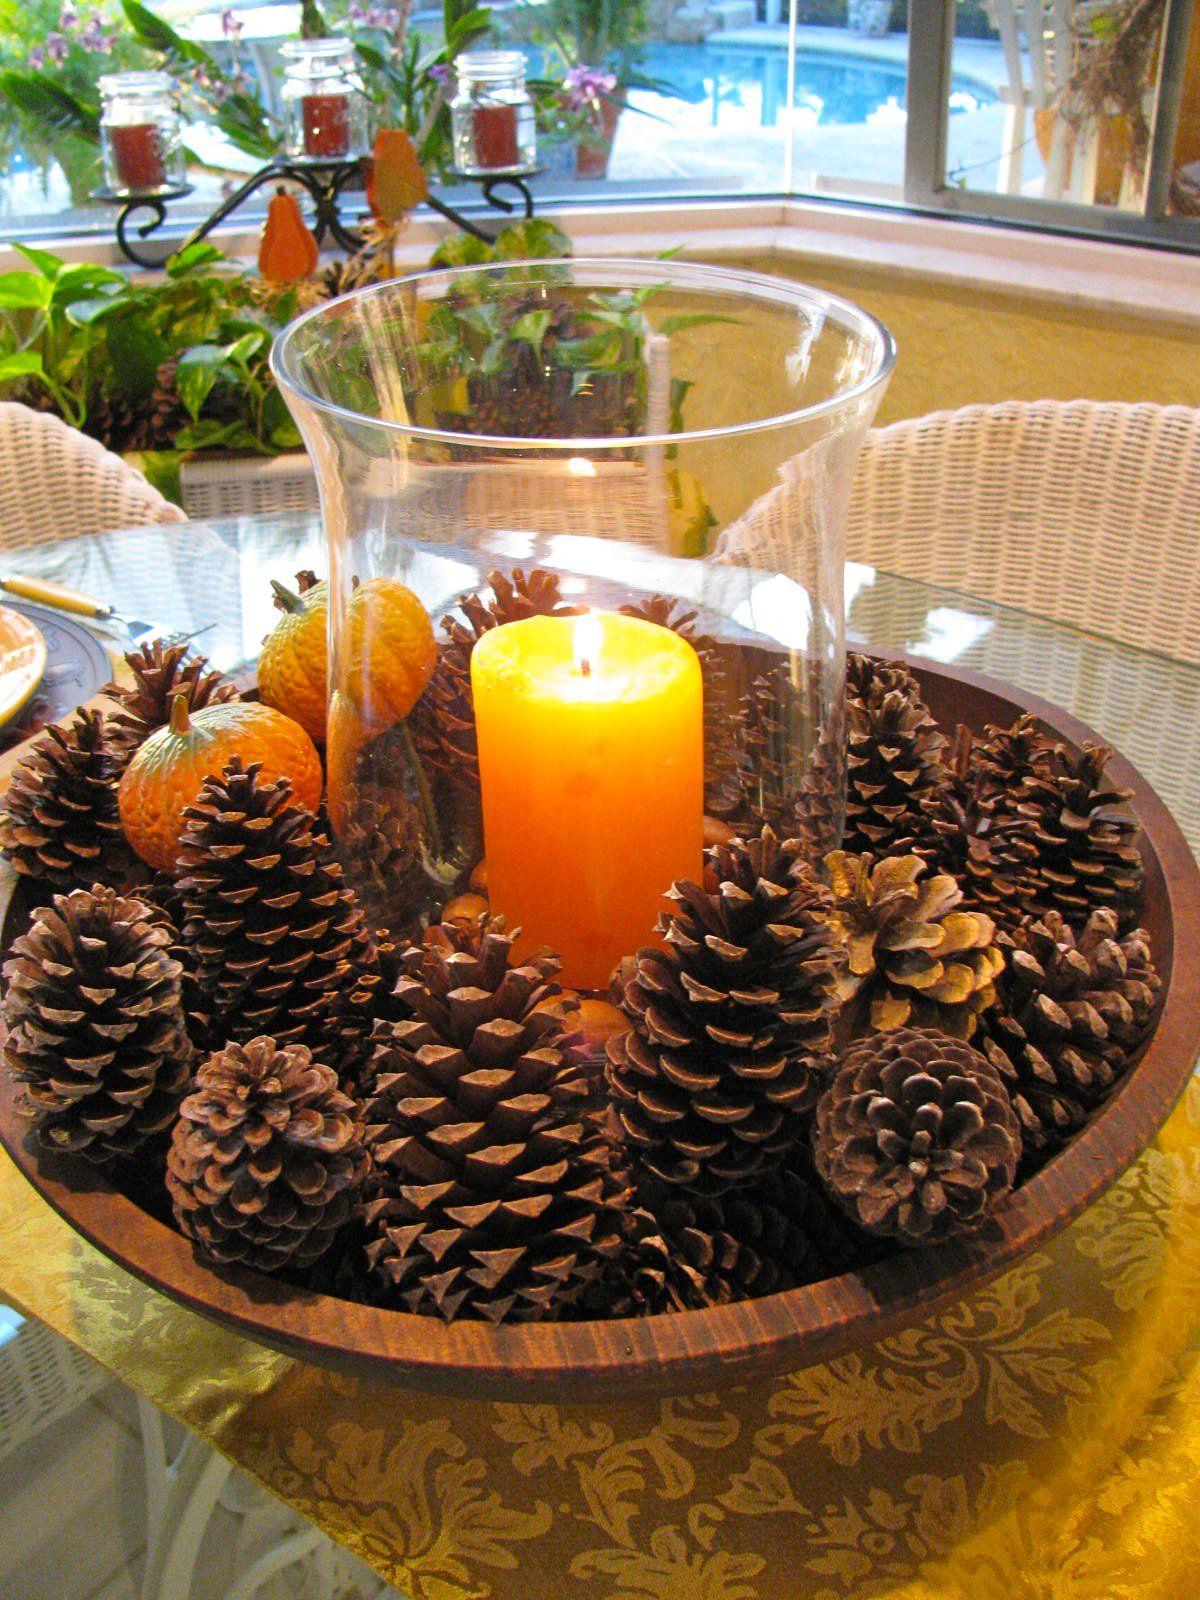 15 fantastische DIY Herbst Herzstück Designs, um Ihre Tischdekoration aufzuheitern #herbsttischdekorationen